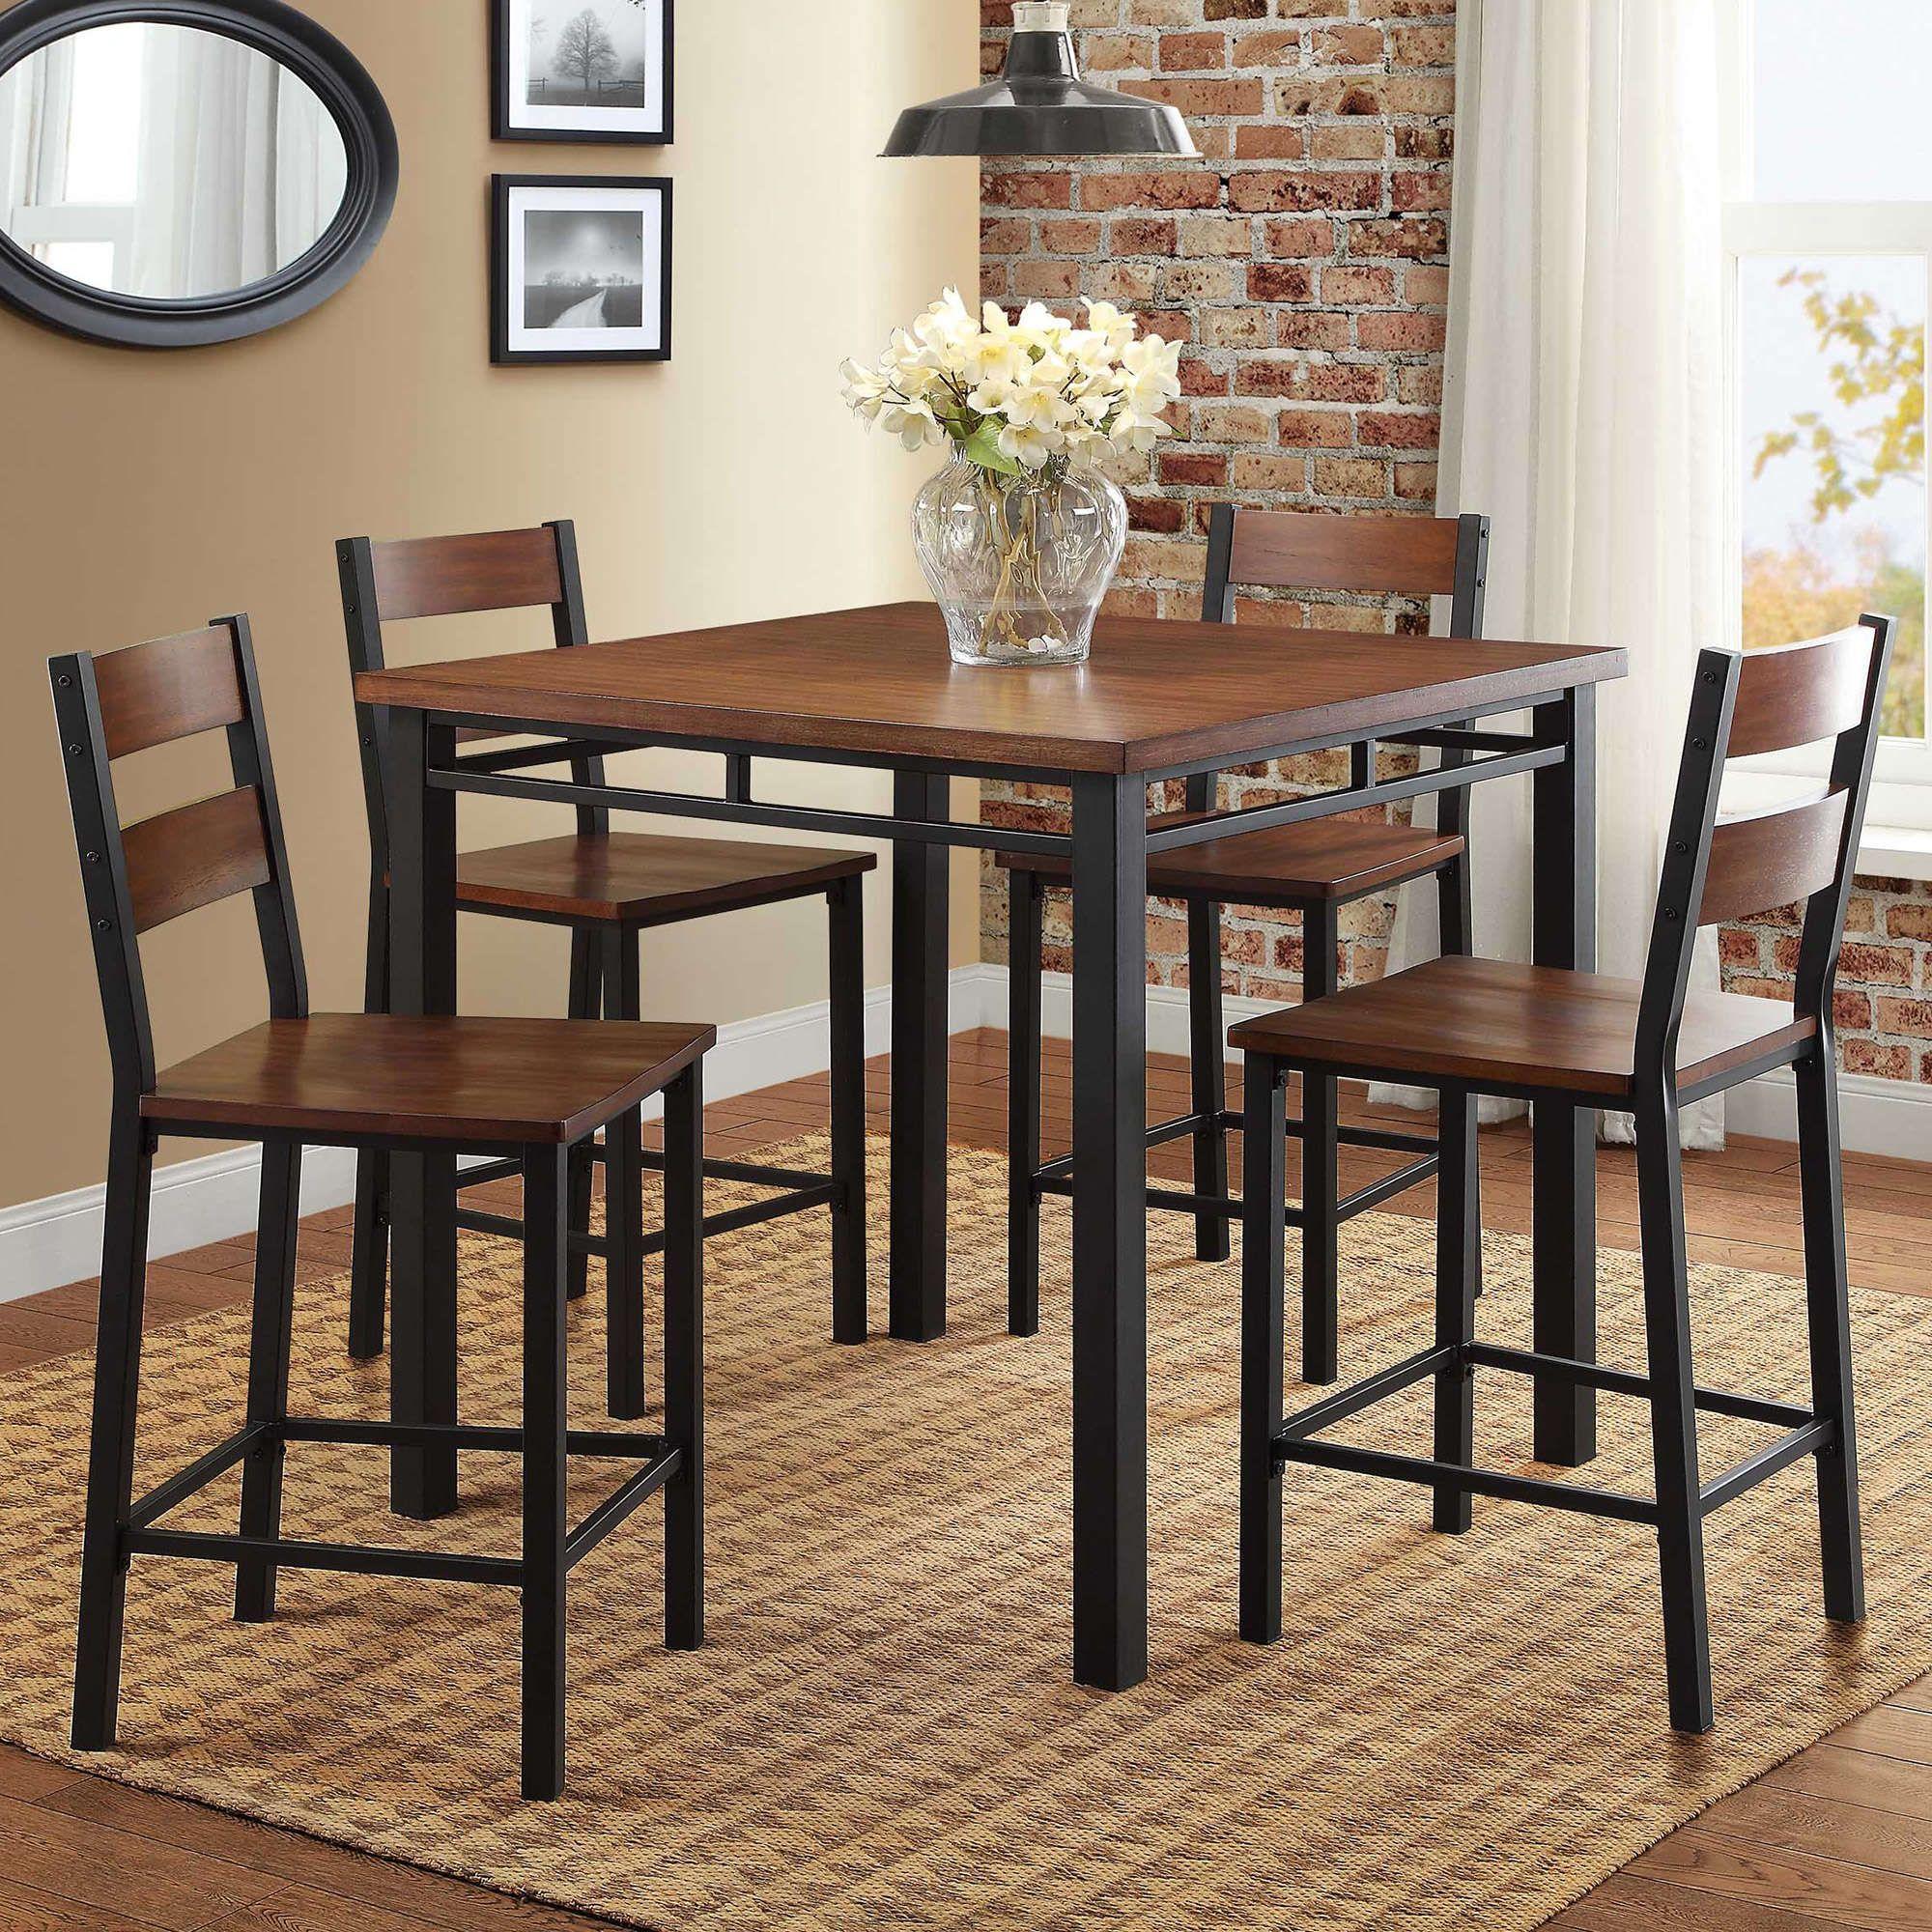 Better Homes Gardens Austen 5 Piece Counter Height Dining Set